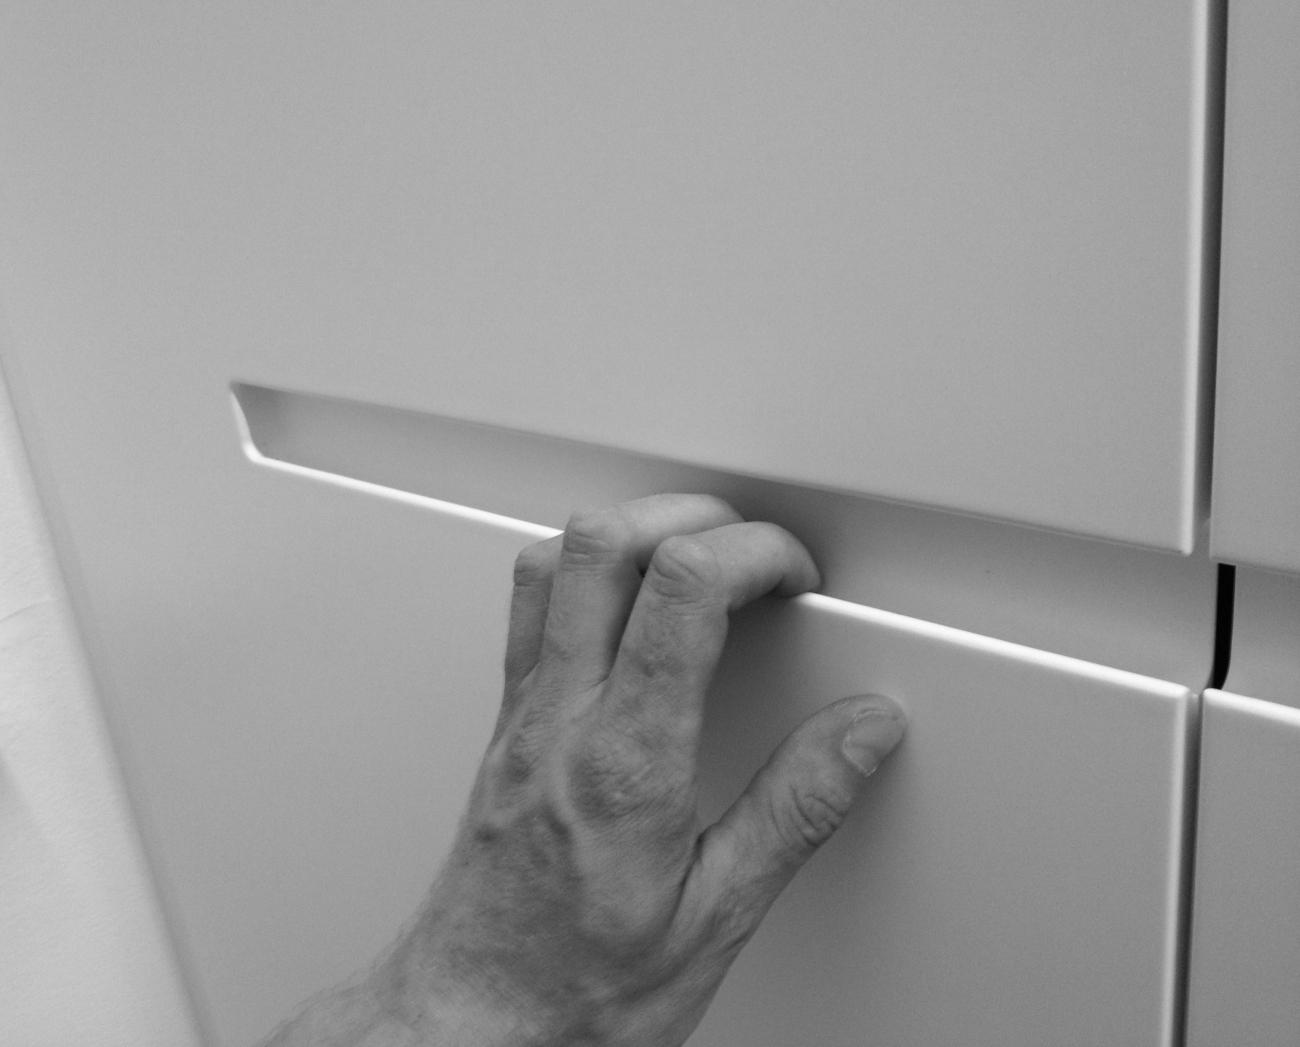 grifffräsungen | egal ob vertikal oder horizontal | sind eine moderne alternative zu normalen möbelgriffen